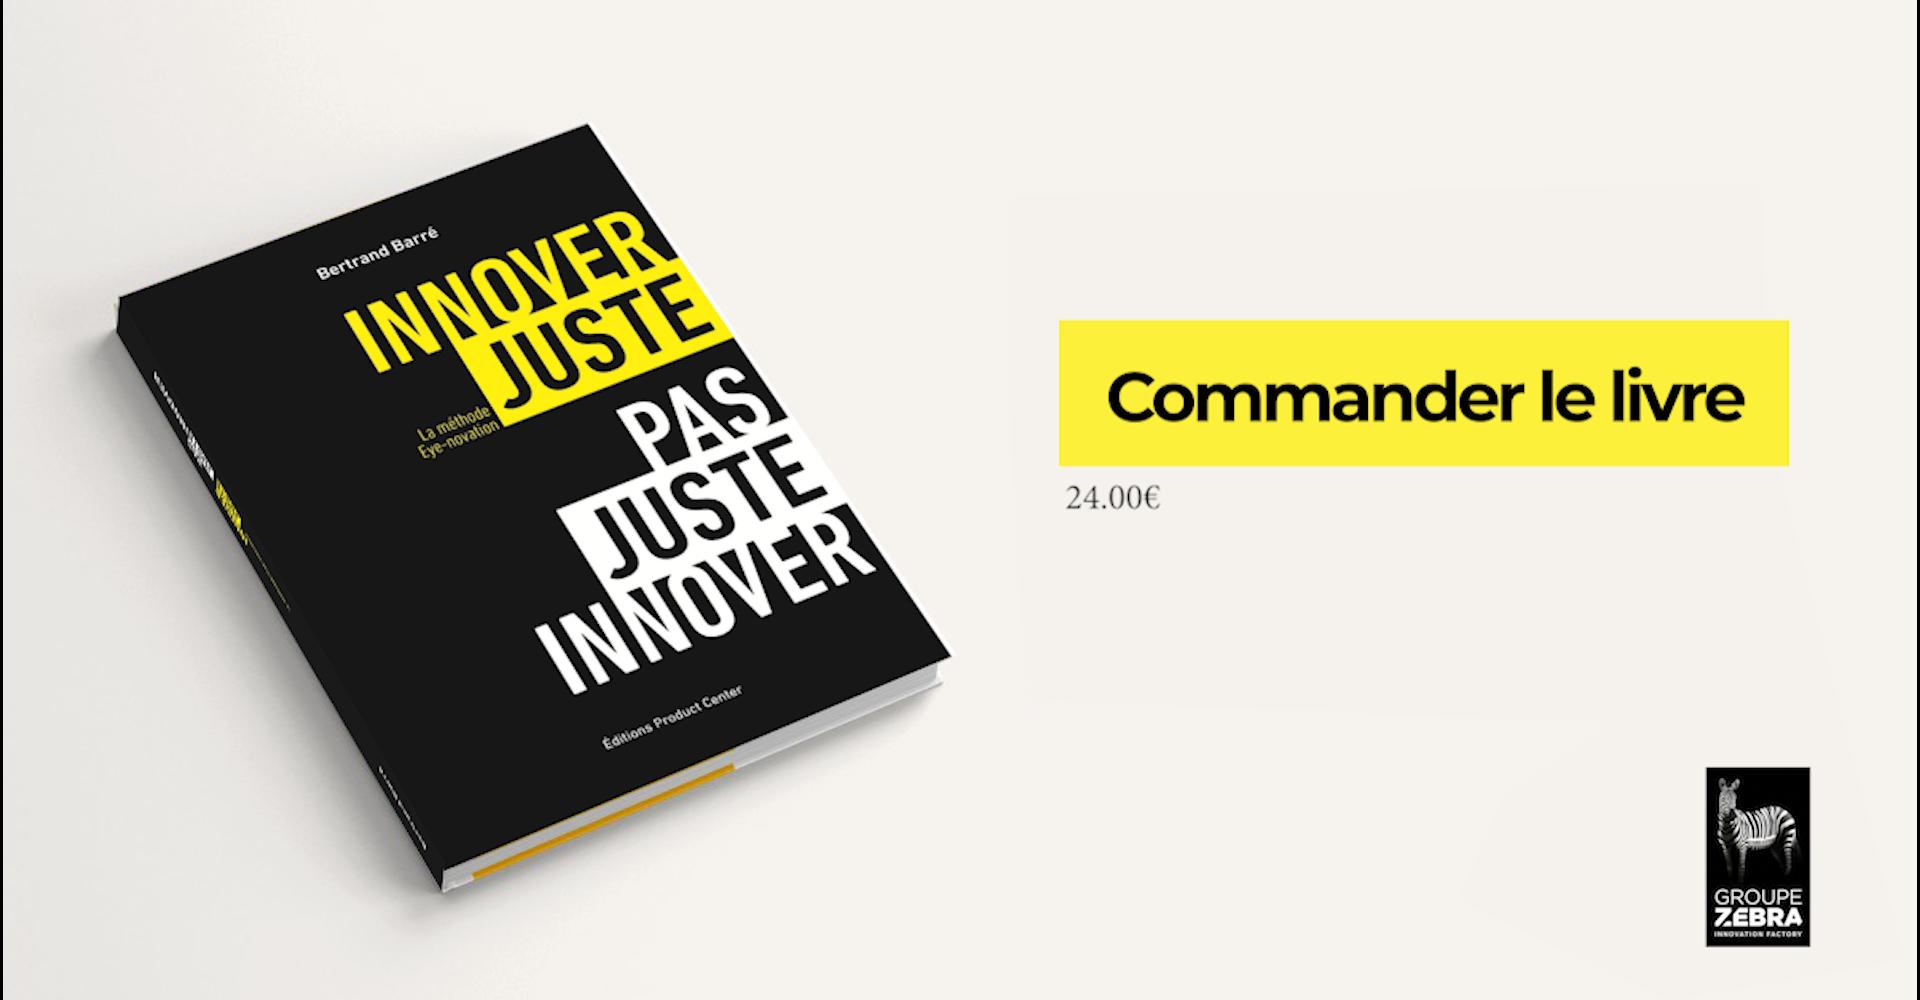 Découvrez le nouveau livre de Bertrand Barré : Innover juste, pas juste innover.